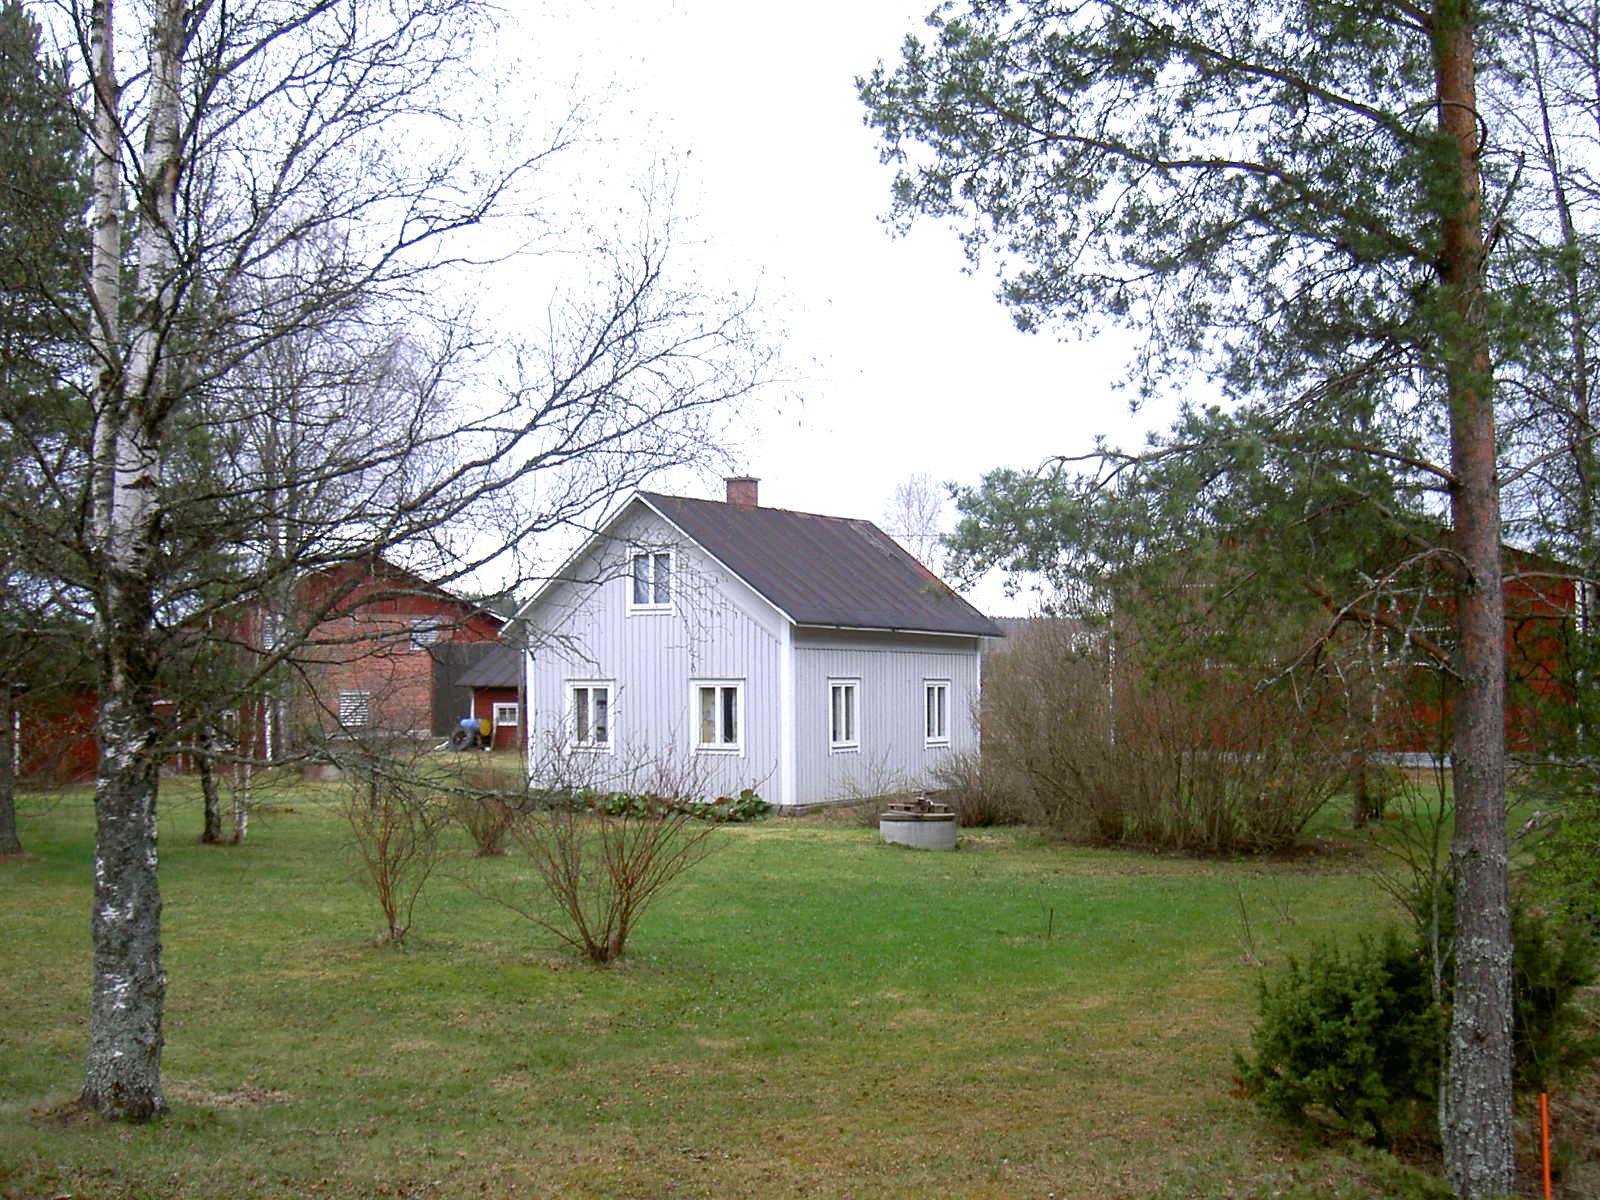 Fotot är taget från väster år 2003. I bakgrunden syns familjen Hembergs potatislager och uthus. Till höger utanför bild finns Oskus potatispackeri.